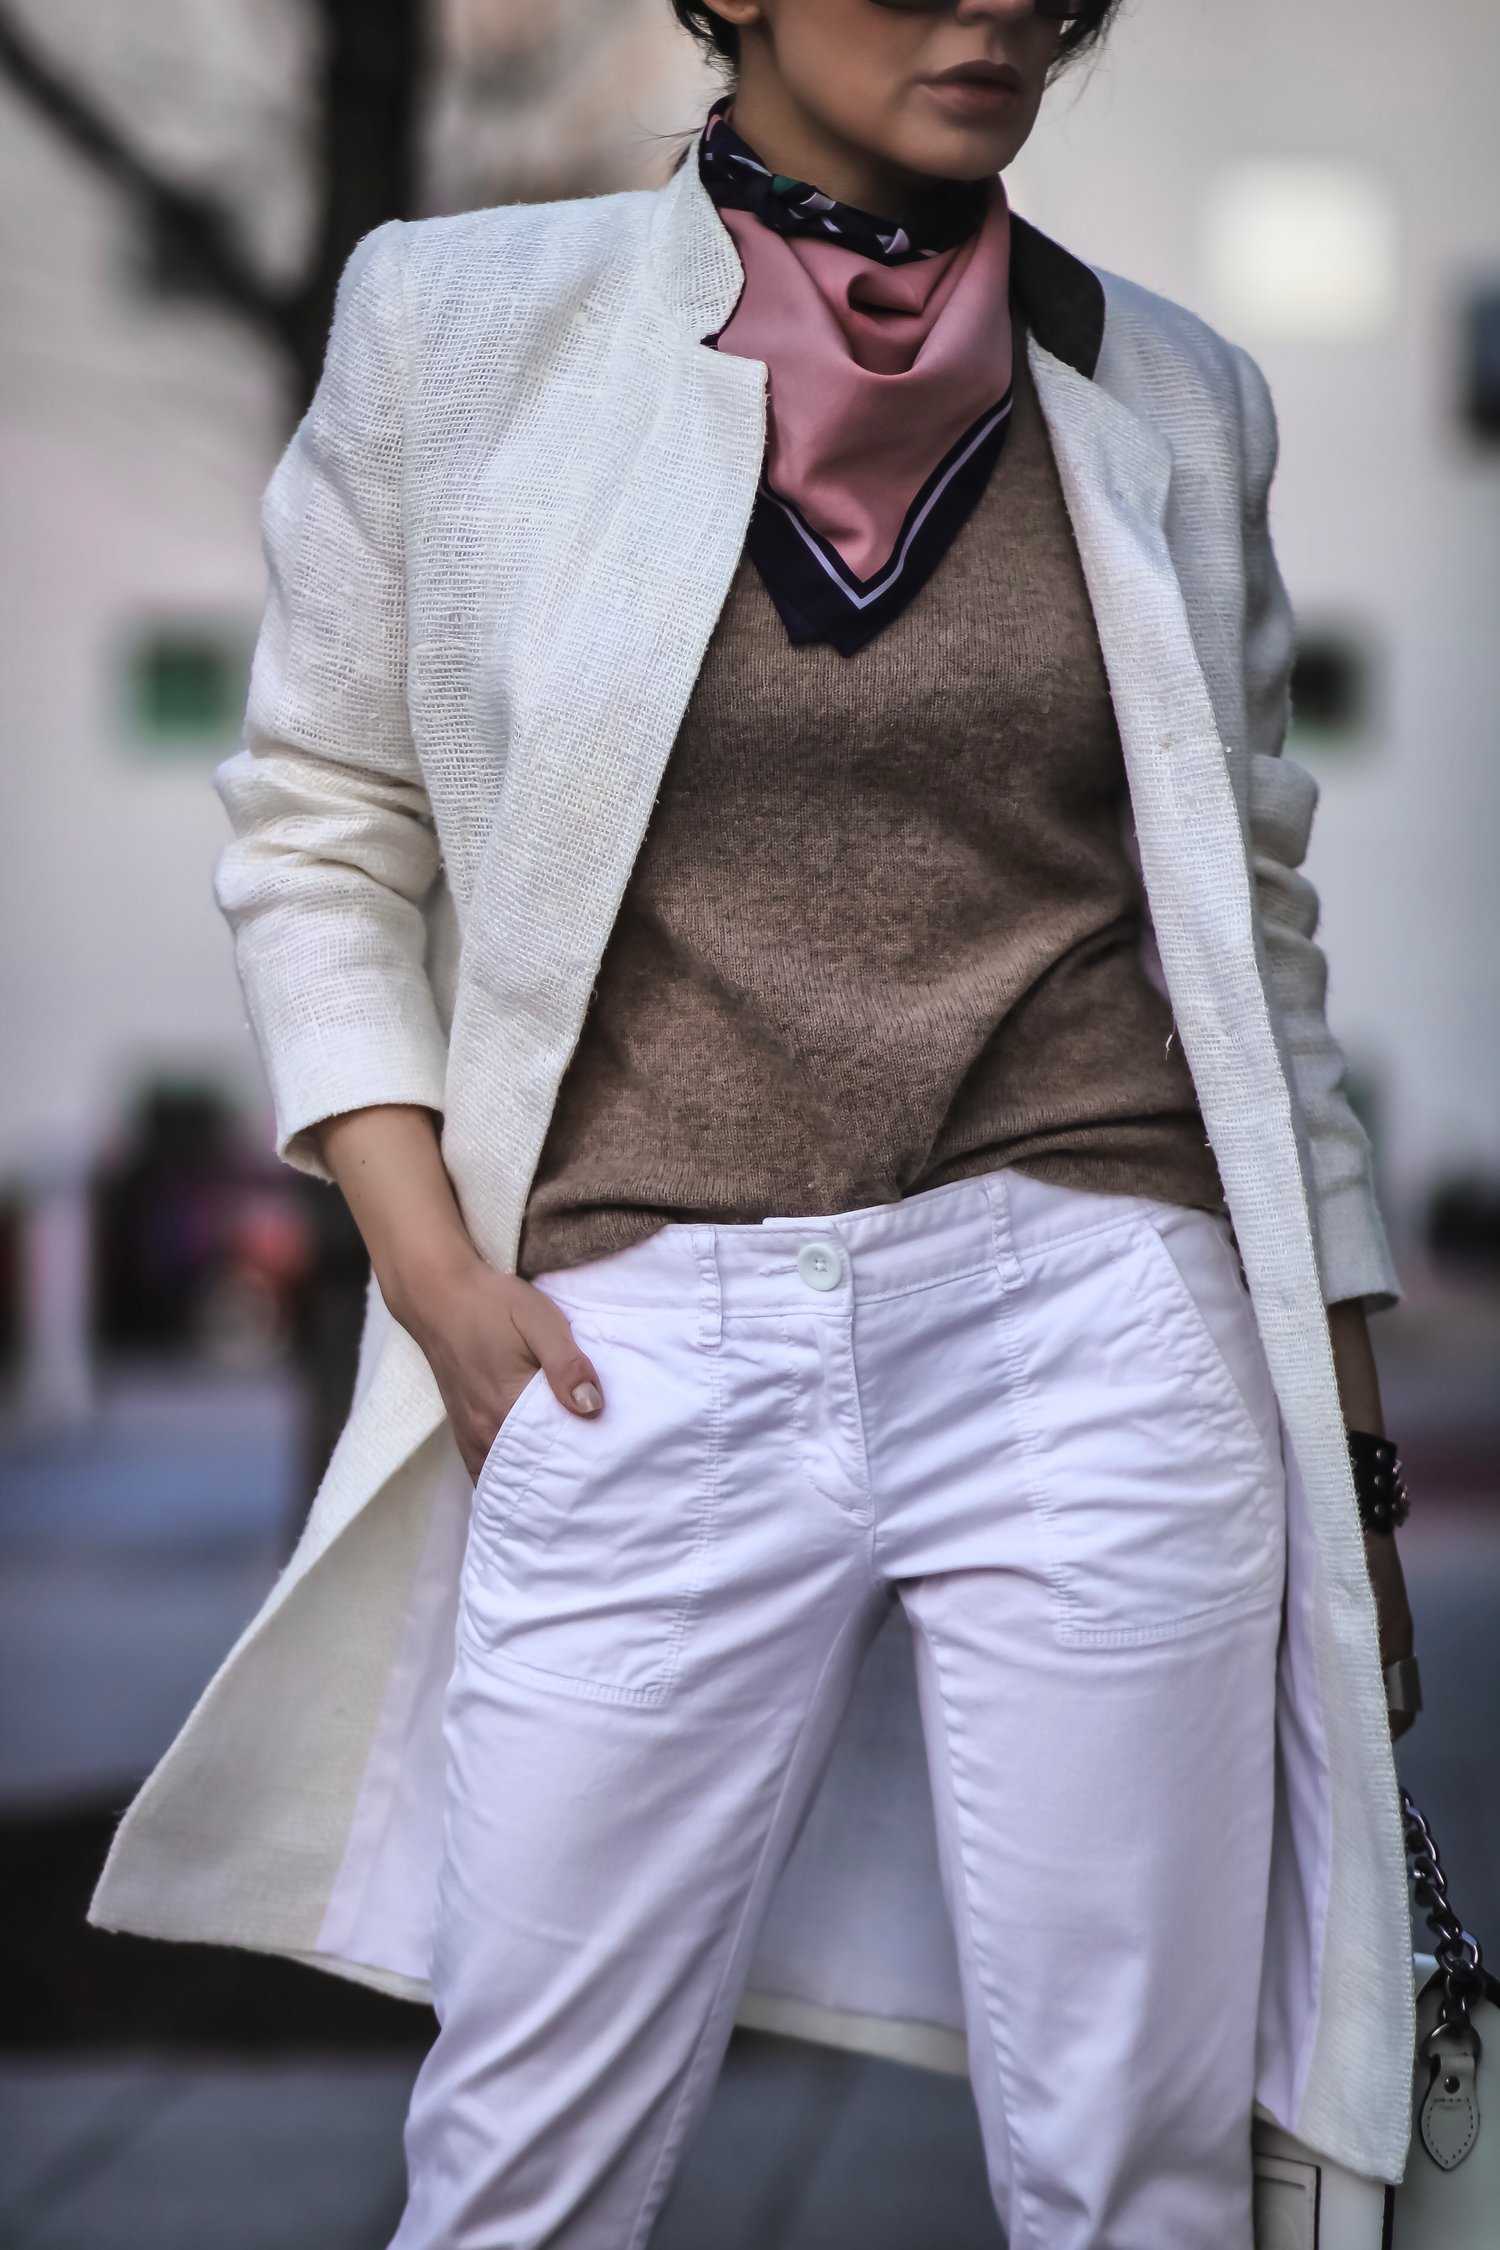 Isabel-Alexander-all-white-brunch-outfit-LOFT-denim